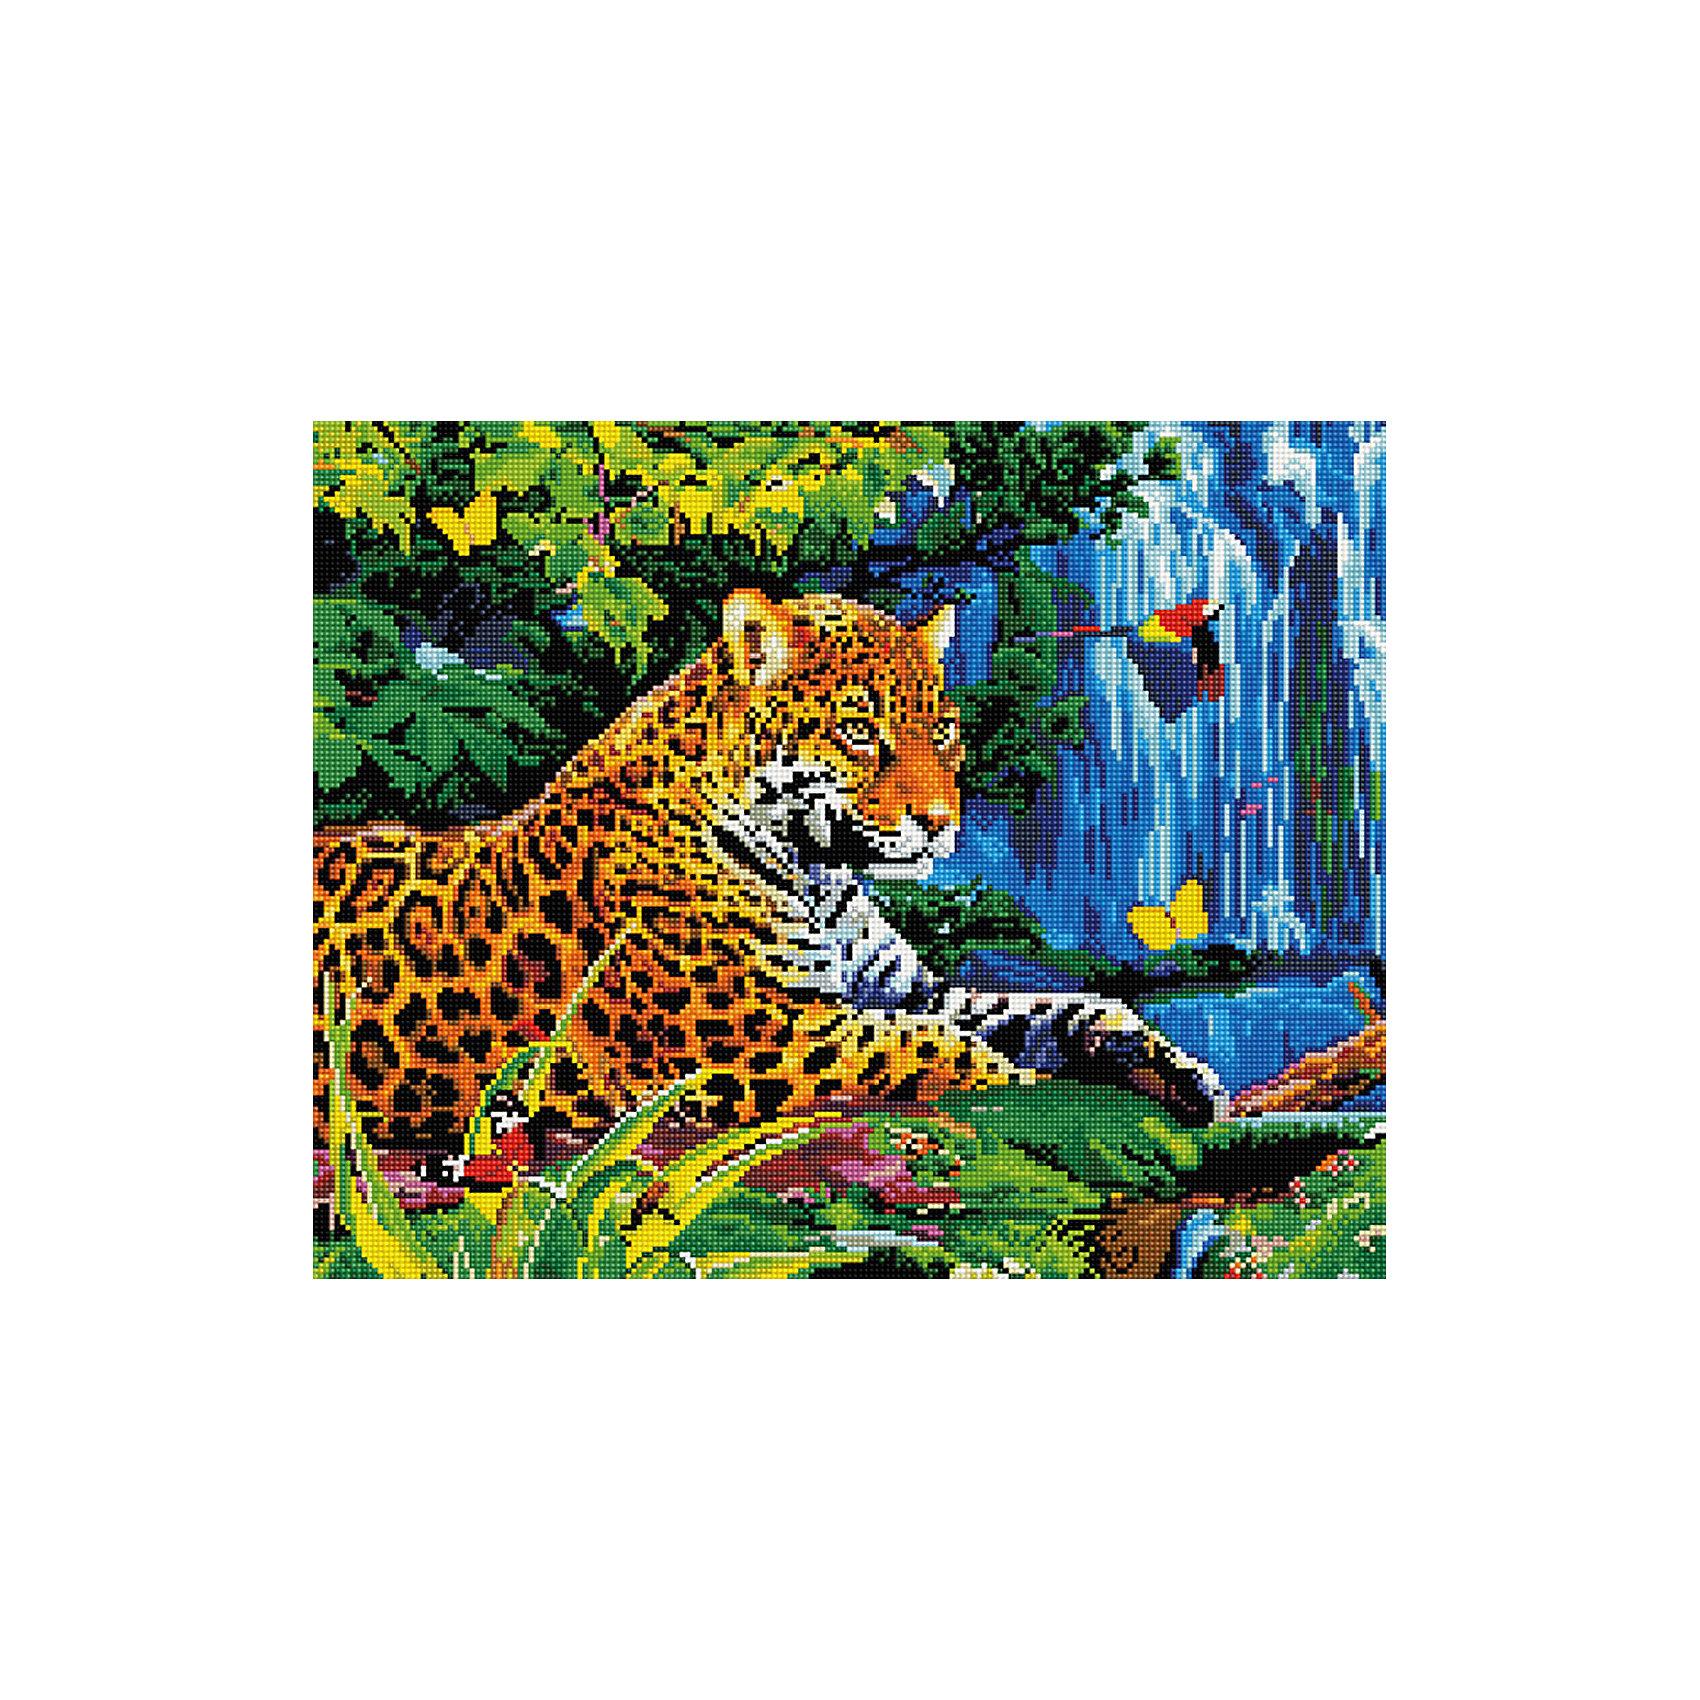 Алмазная мозаика Леопард у водопада 40*50 смХарактеристики:<br><br>• Предназначение: для занятий творчеством в технике алмазной живописи<br>• Тематика: Животные<br>• Пол: для девочек<br>• Уровень сложности: средний<br>• Материал: дерево, бумага, акрил, пластик<br>• Цвет: оттенки коричневого, оттенки синего, оранжевый, желтый, зеленый и др.<br>• Количество цветов: 26<br>• Комплектация: холст на подрамнике, стразы, пинцет, карандаш для камней, клей, лоток для камней, инструкция<br>• Размеры (Ш*Д): 40*50 см<br>• Тип выкладки камней: сплошное заполнение рисунка<br>• Стразы квадратной формы <br>• Вес: 900 г <br>• Упаковка: картонная коробка<br><br>Алмазная мозаика Леопард у водопада 40*50 см – это набор для создания картины в технике алмазной живописи. Набор для творчества включает в себя холст, на который нанесена схема рисунка, комплекта разноцветных страз квадратной формы, подрамника и инструментов для выкладки узора. Все использованные в наборе материалы экологичные и нетоксичные. Картина выполняется в технике сплошного заполнения декоративными элементами поверхности холста, что обеспечивает высокую реалистичность рисунка. На схеме изображен леопард, лежащий у водопада. <br>Готовые наборы для алмазной мозаики – это оптимальный вариант для любителей рукоделия, так как в них предусмотрены все материалы в требуемом для изготовления картины количестве. Занятия алмазной живописью позволят развивать навыки чтения схем, выполнения заданий по образцу, будут способствовать внимательности, терпению и развитию мелкой моторики. <br>Наборы алмазной мозаики могут быть преподнесены в качестве подарка не только девочкам, но и взрослым любительницам рукоделия.<br><br>Алмазную мозаику Леопард у водопада 40*50 см можно купить в нашем интернет-магазине.<br><br>Ширина мм: 420<br>Глубина мм: 520<br>Высота мм: 50<br>Вес г: 900<br>Возраст от месяцев: 96<br>Возраст до месяцев: 2147483647<br>Пол: Женский<br>Возраст: Детский<br>SKU: 5217143